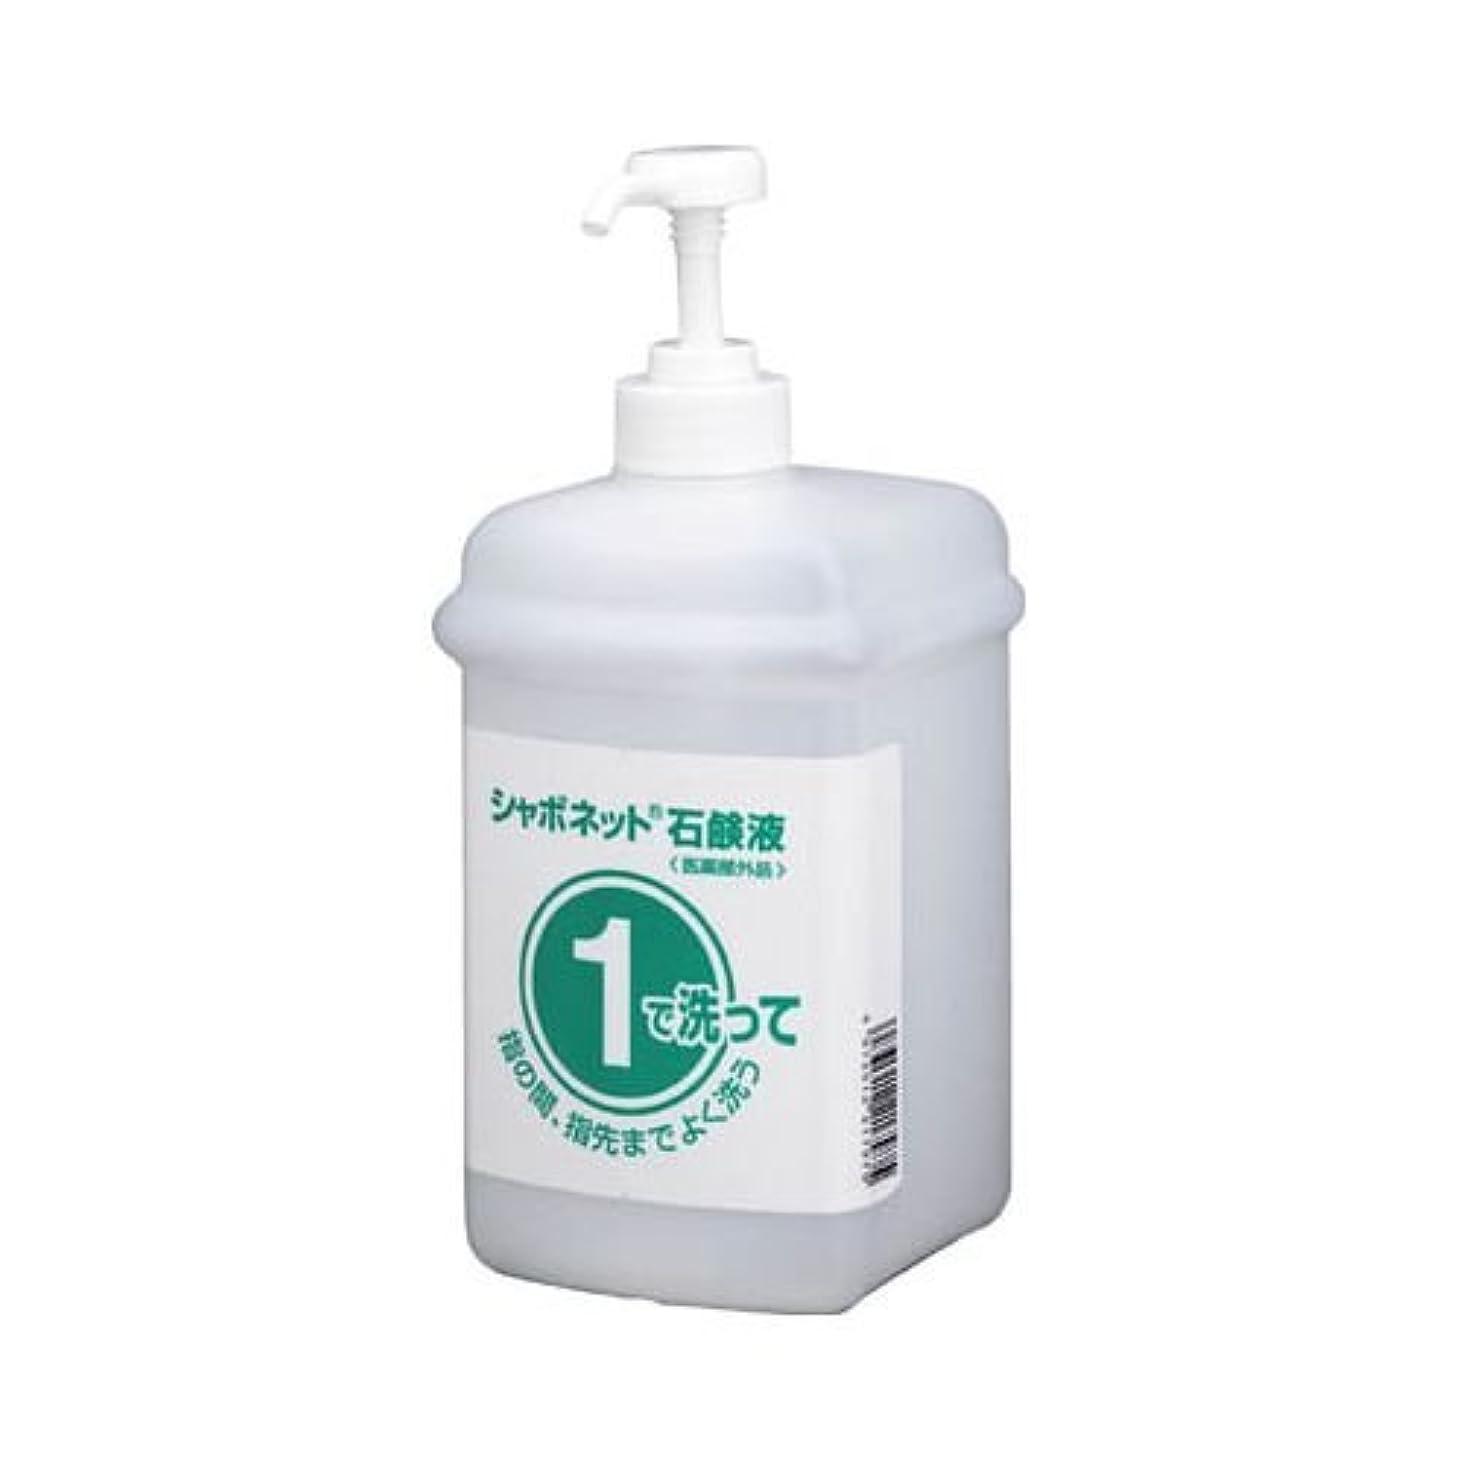 サラヤ 石鹸容器 1?2セットボトル 石鹸液用1L 21793